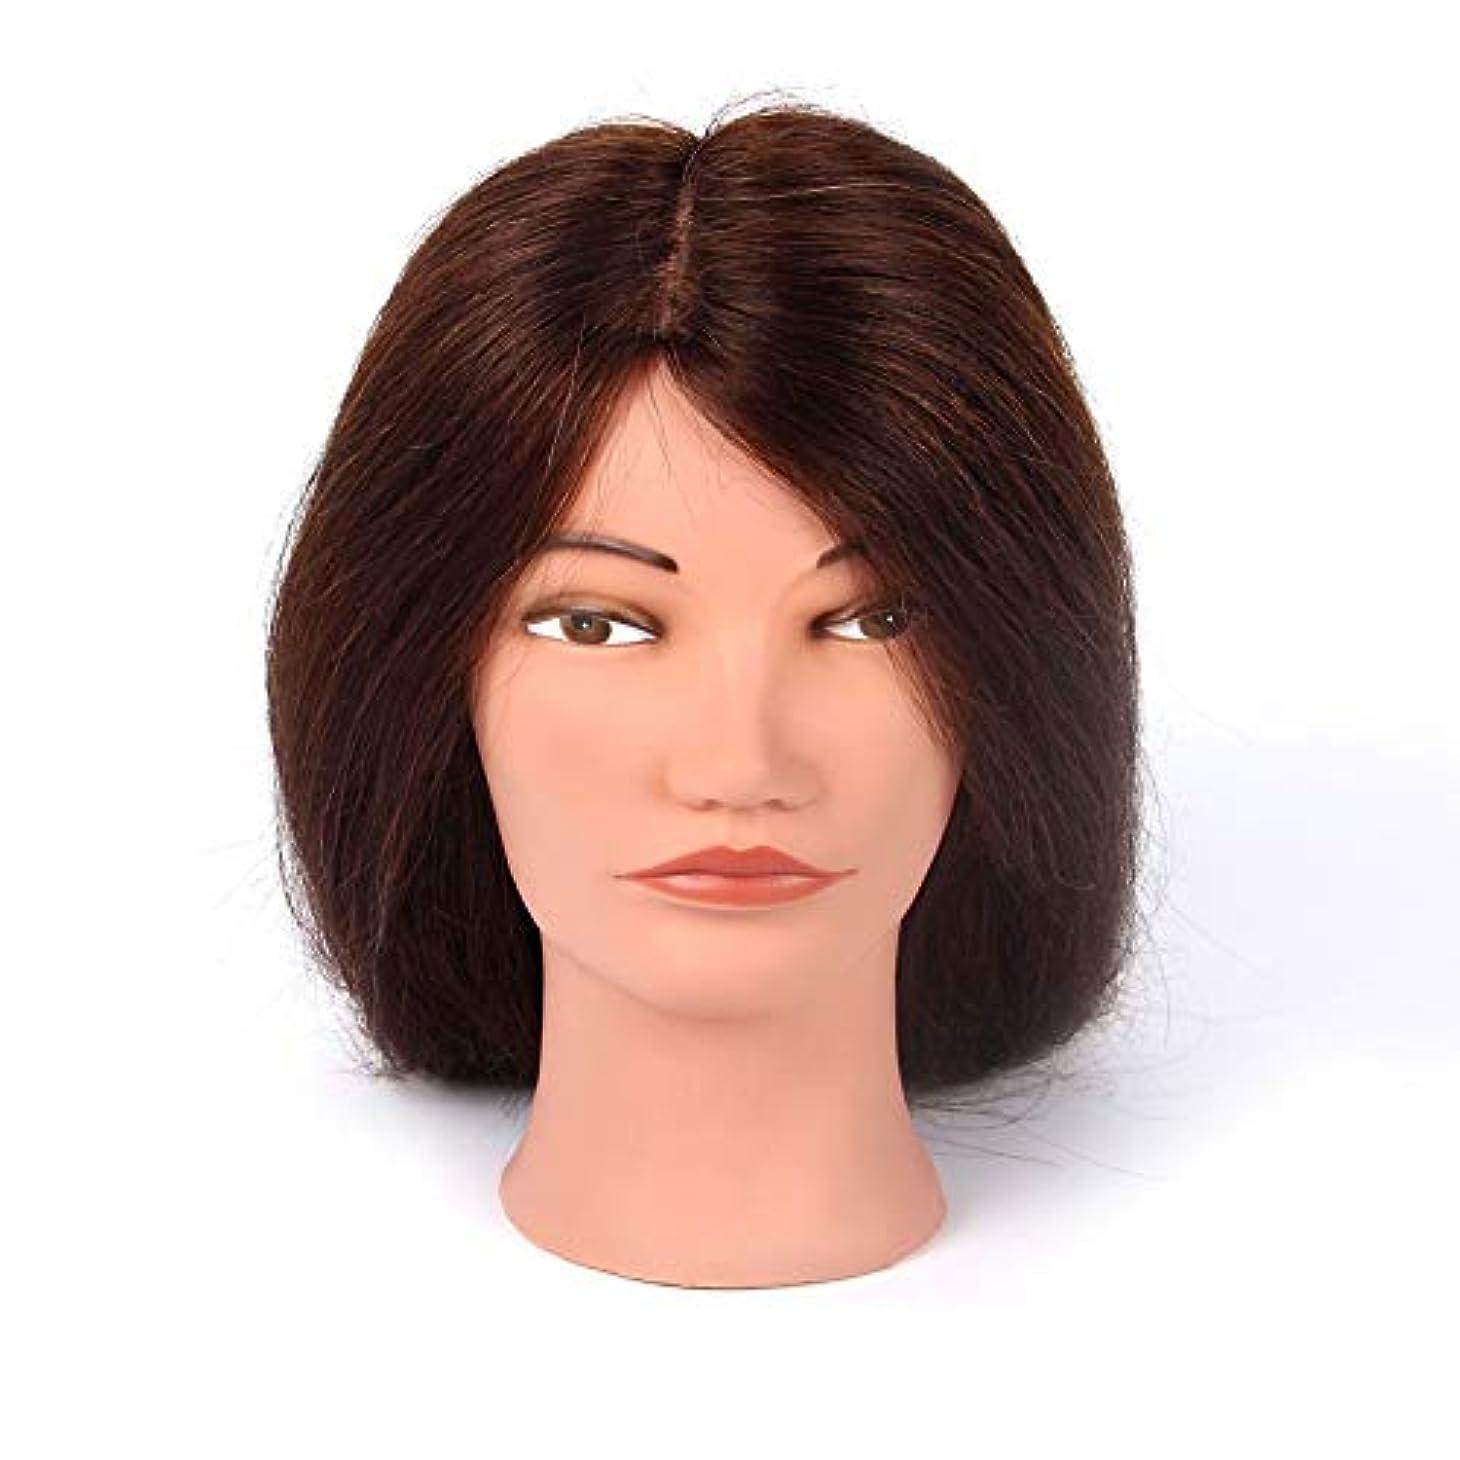 計画道徳のナイロン理髪練習ヘッド吹くホットロールダミーヘッドパーマ髪の染め指導ヘッドメイクアップヘアスタイリングモデルヘッド